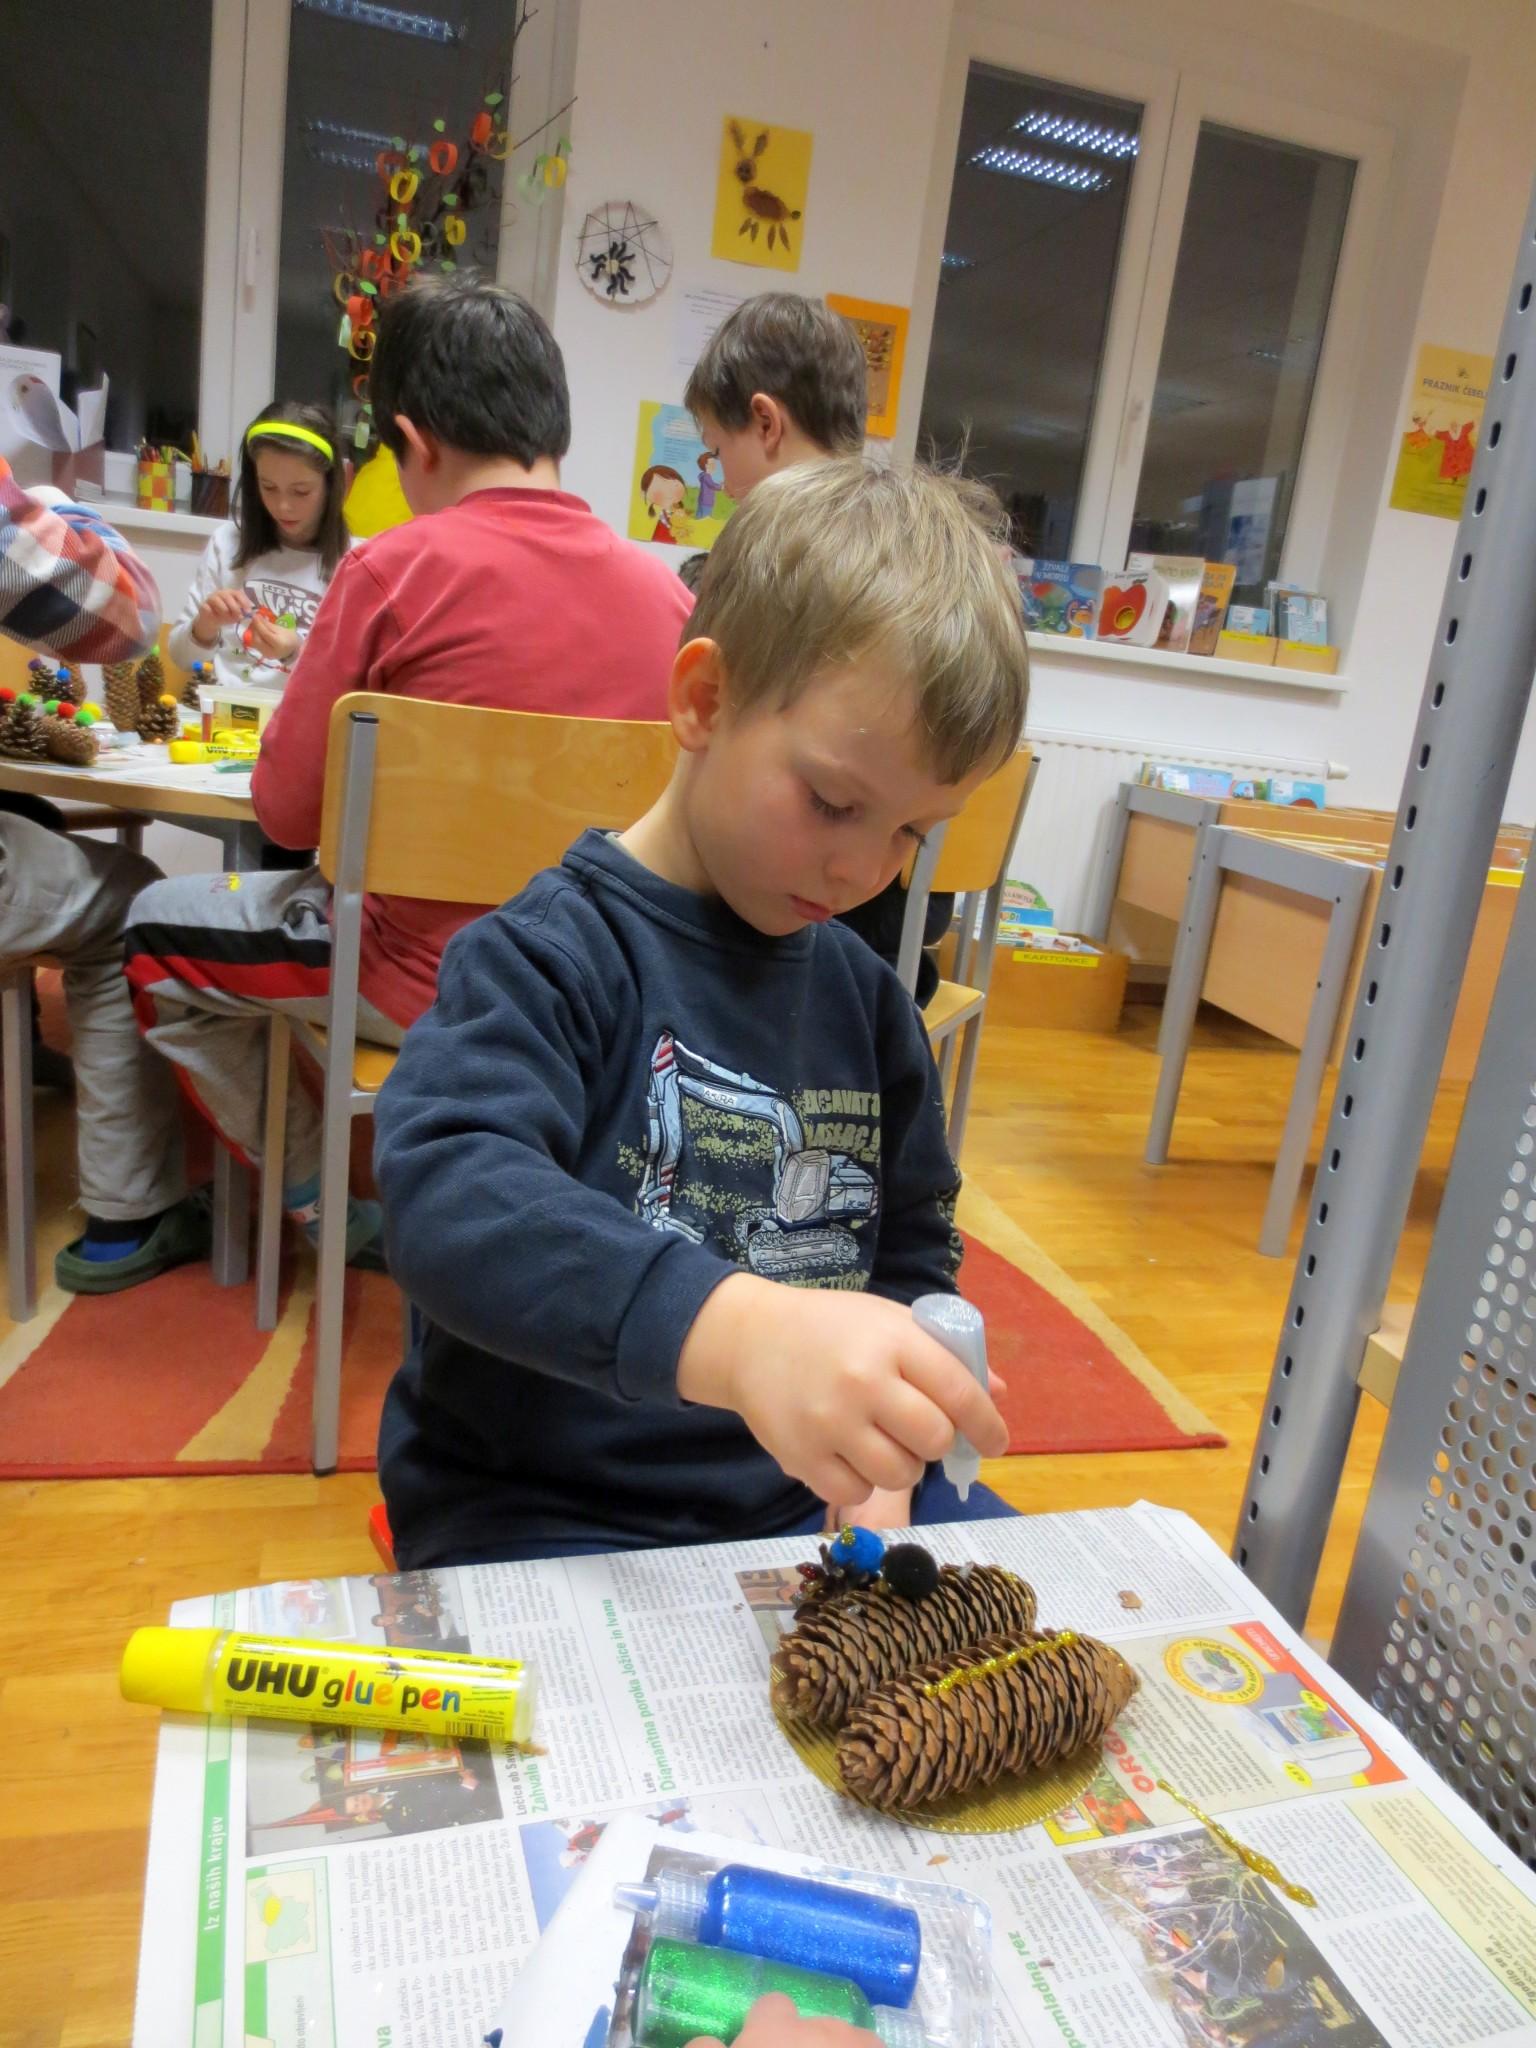 IMG 3208 - Pravljična ura in ustvarjalna delavnica za otroke od 4. leta dalje